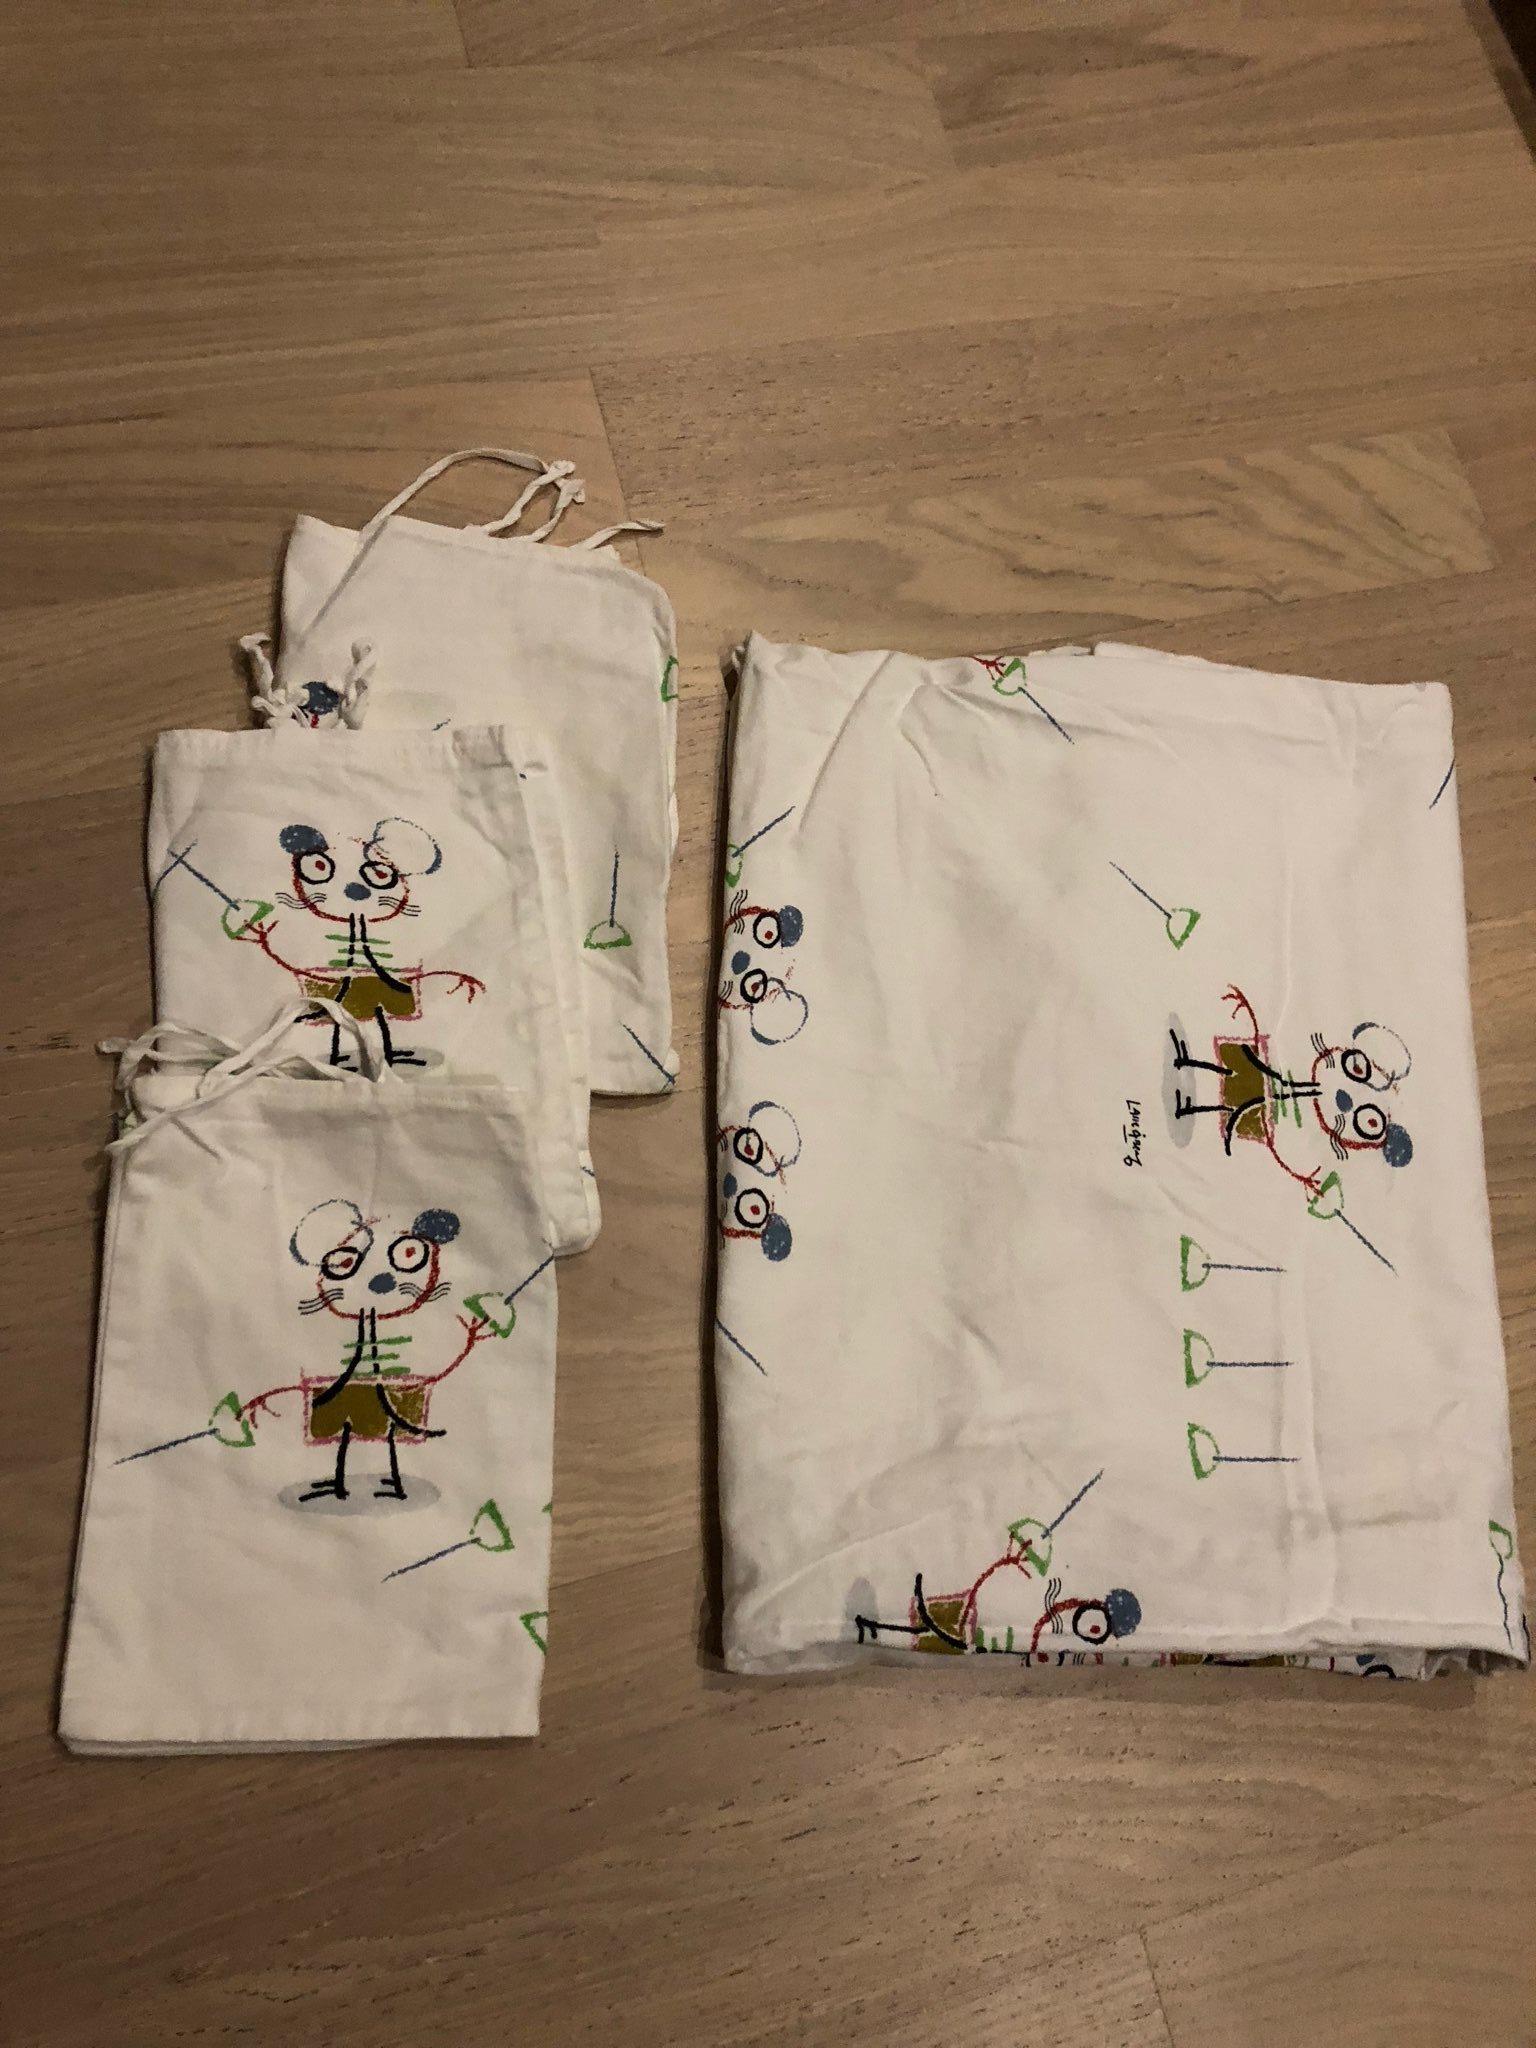 Lasse Åberg sängkläder sängkläder sängkläder för spjälsäng 43c558